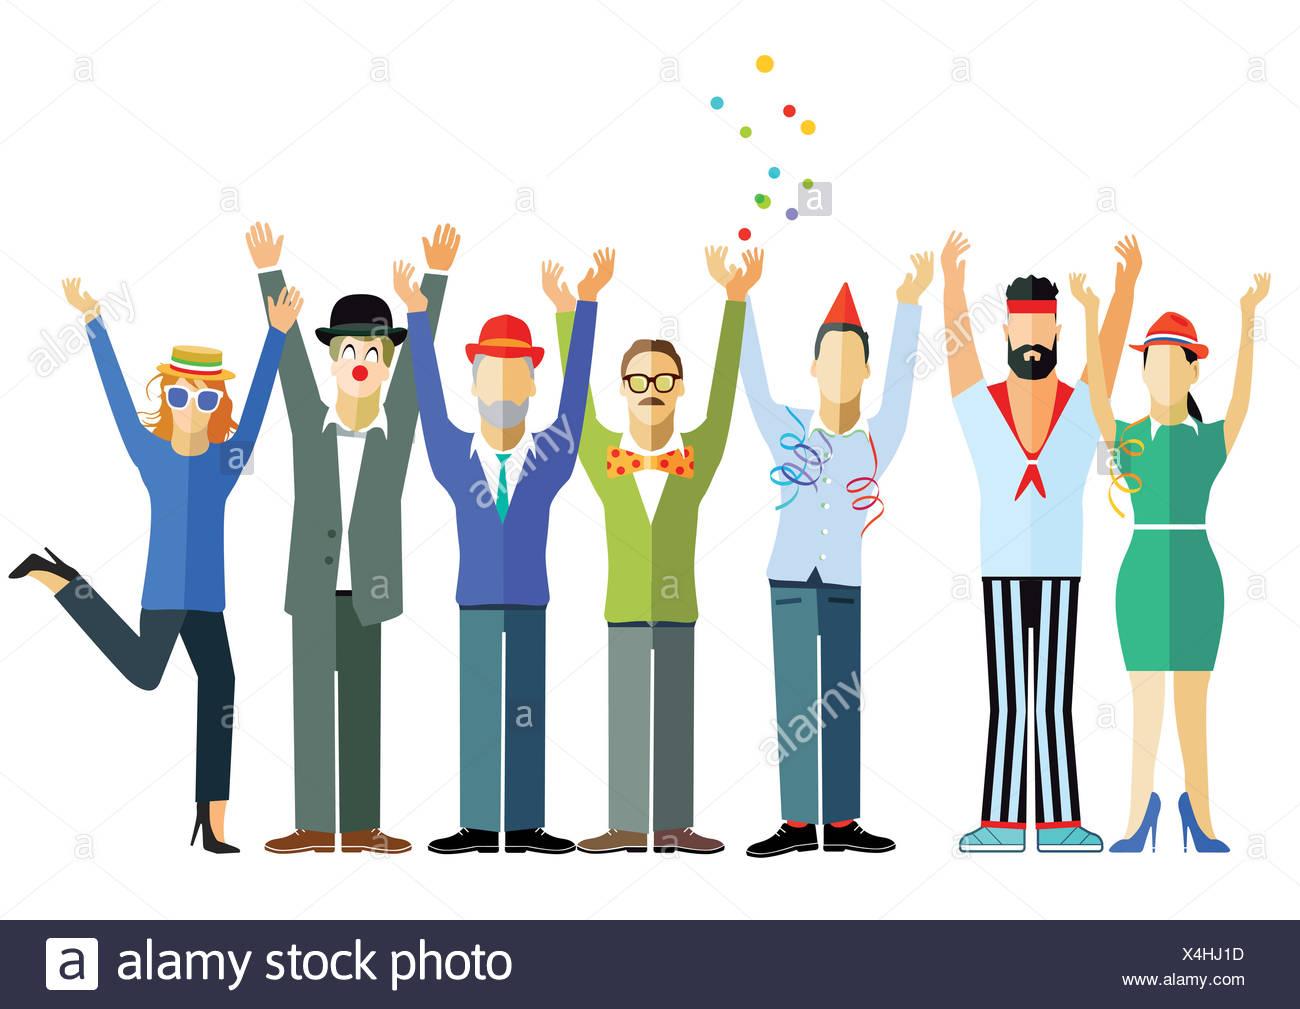 joyous celebration - Stock Image